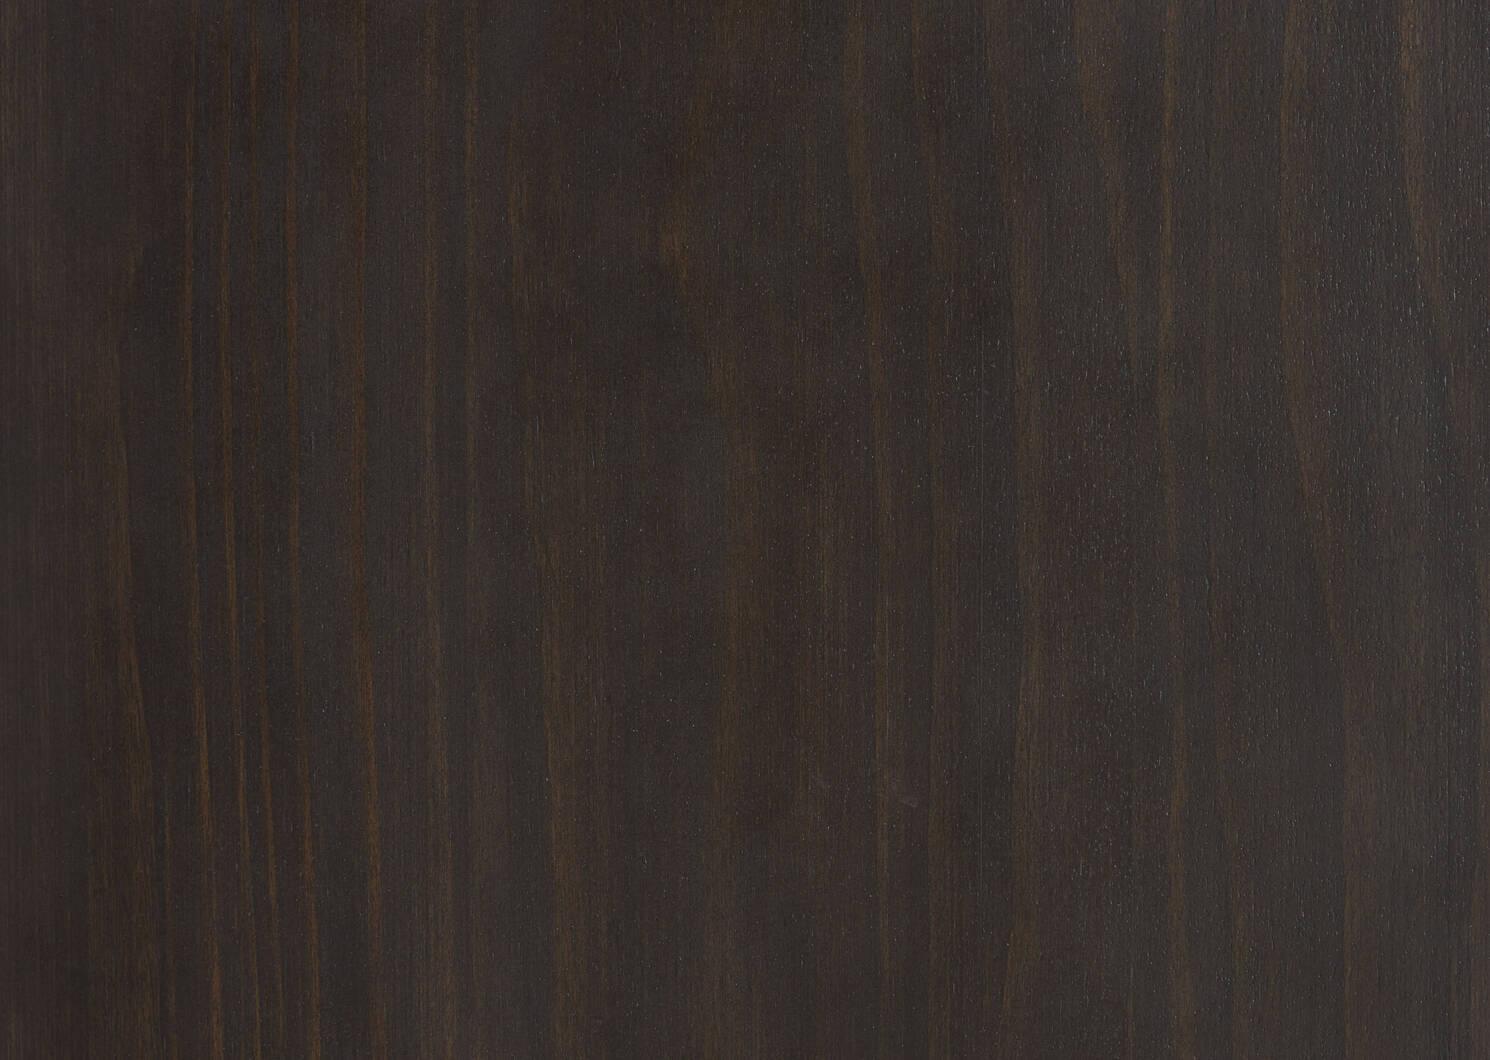 Bureau à 6 tiroirs Luna -Stone cacao